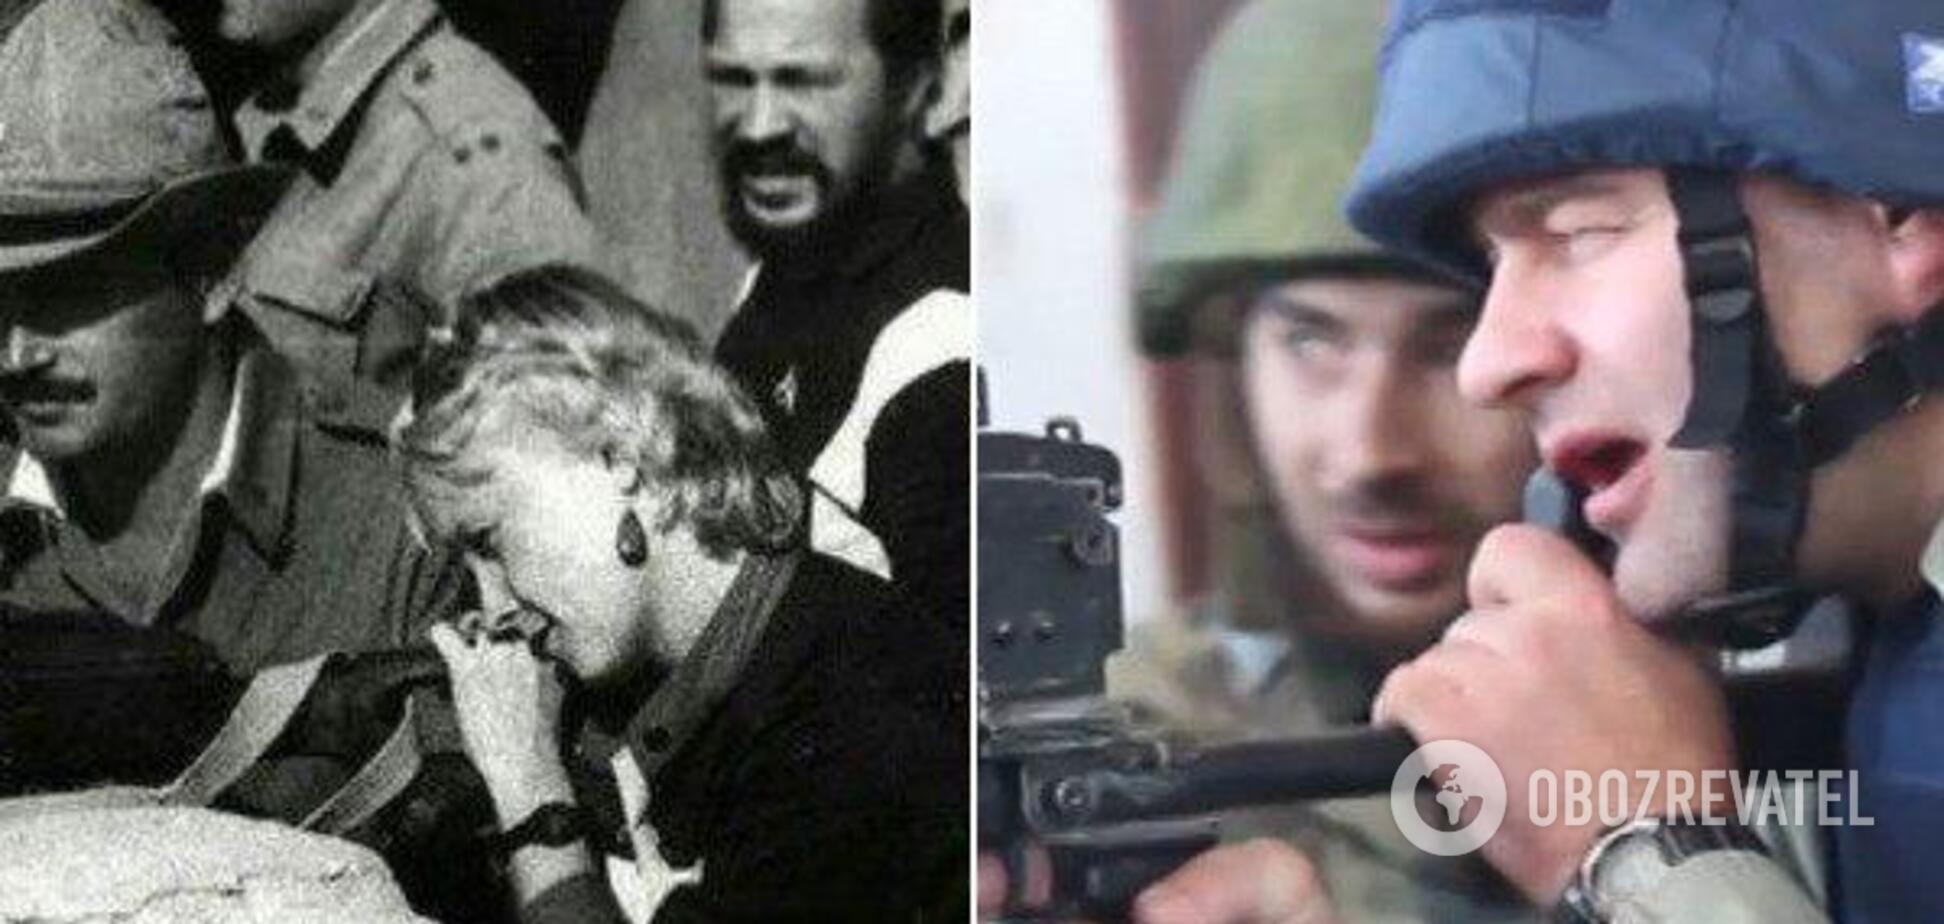 Скандал з Пореченковим на Донбасі: в мережі знайшли жінку, яка 'надихнула' актора